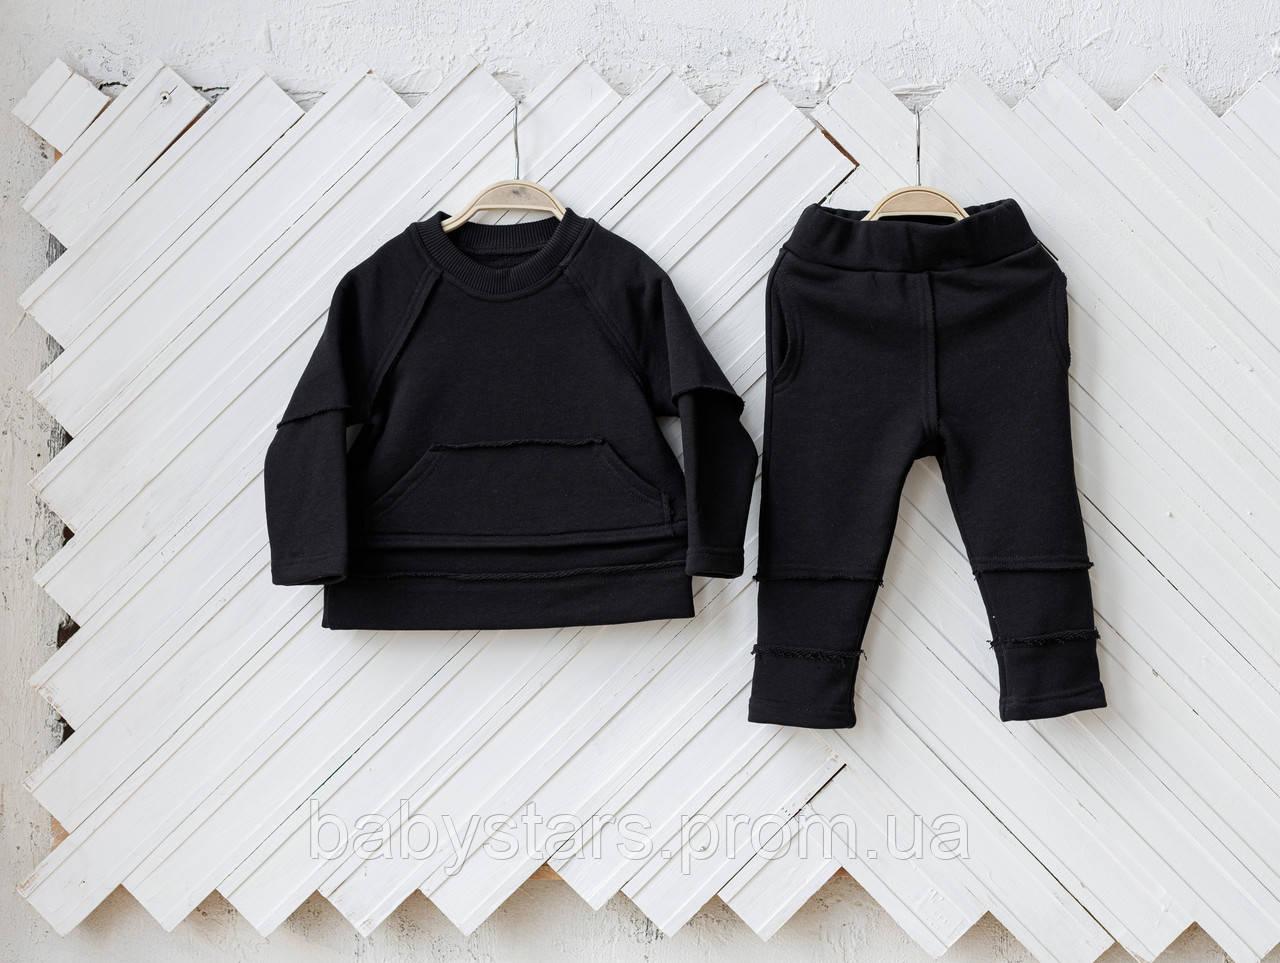 """Детские трикотажные костюмы """"Crude"""", черный, Размеры от 80 до 110"""